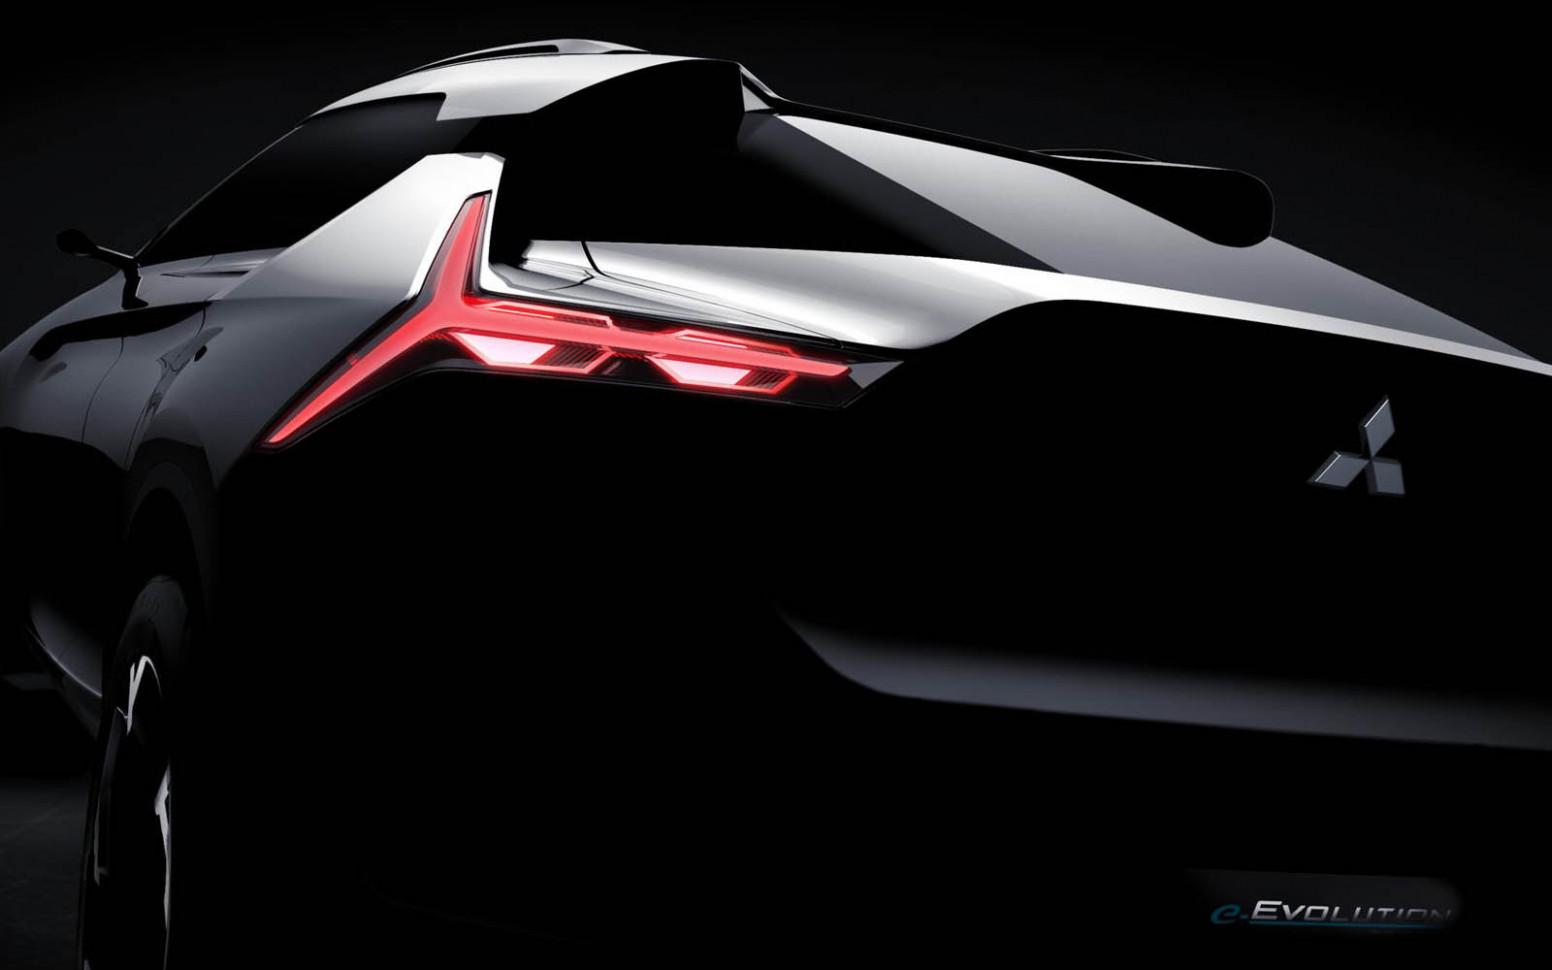 Review 2022 Mitsubishi Evo